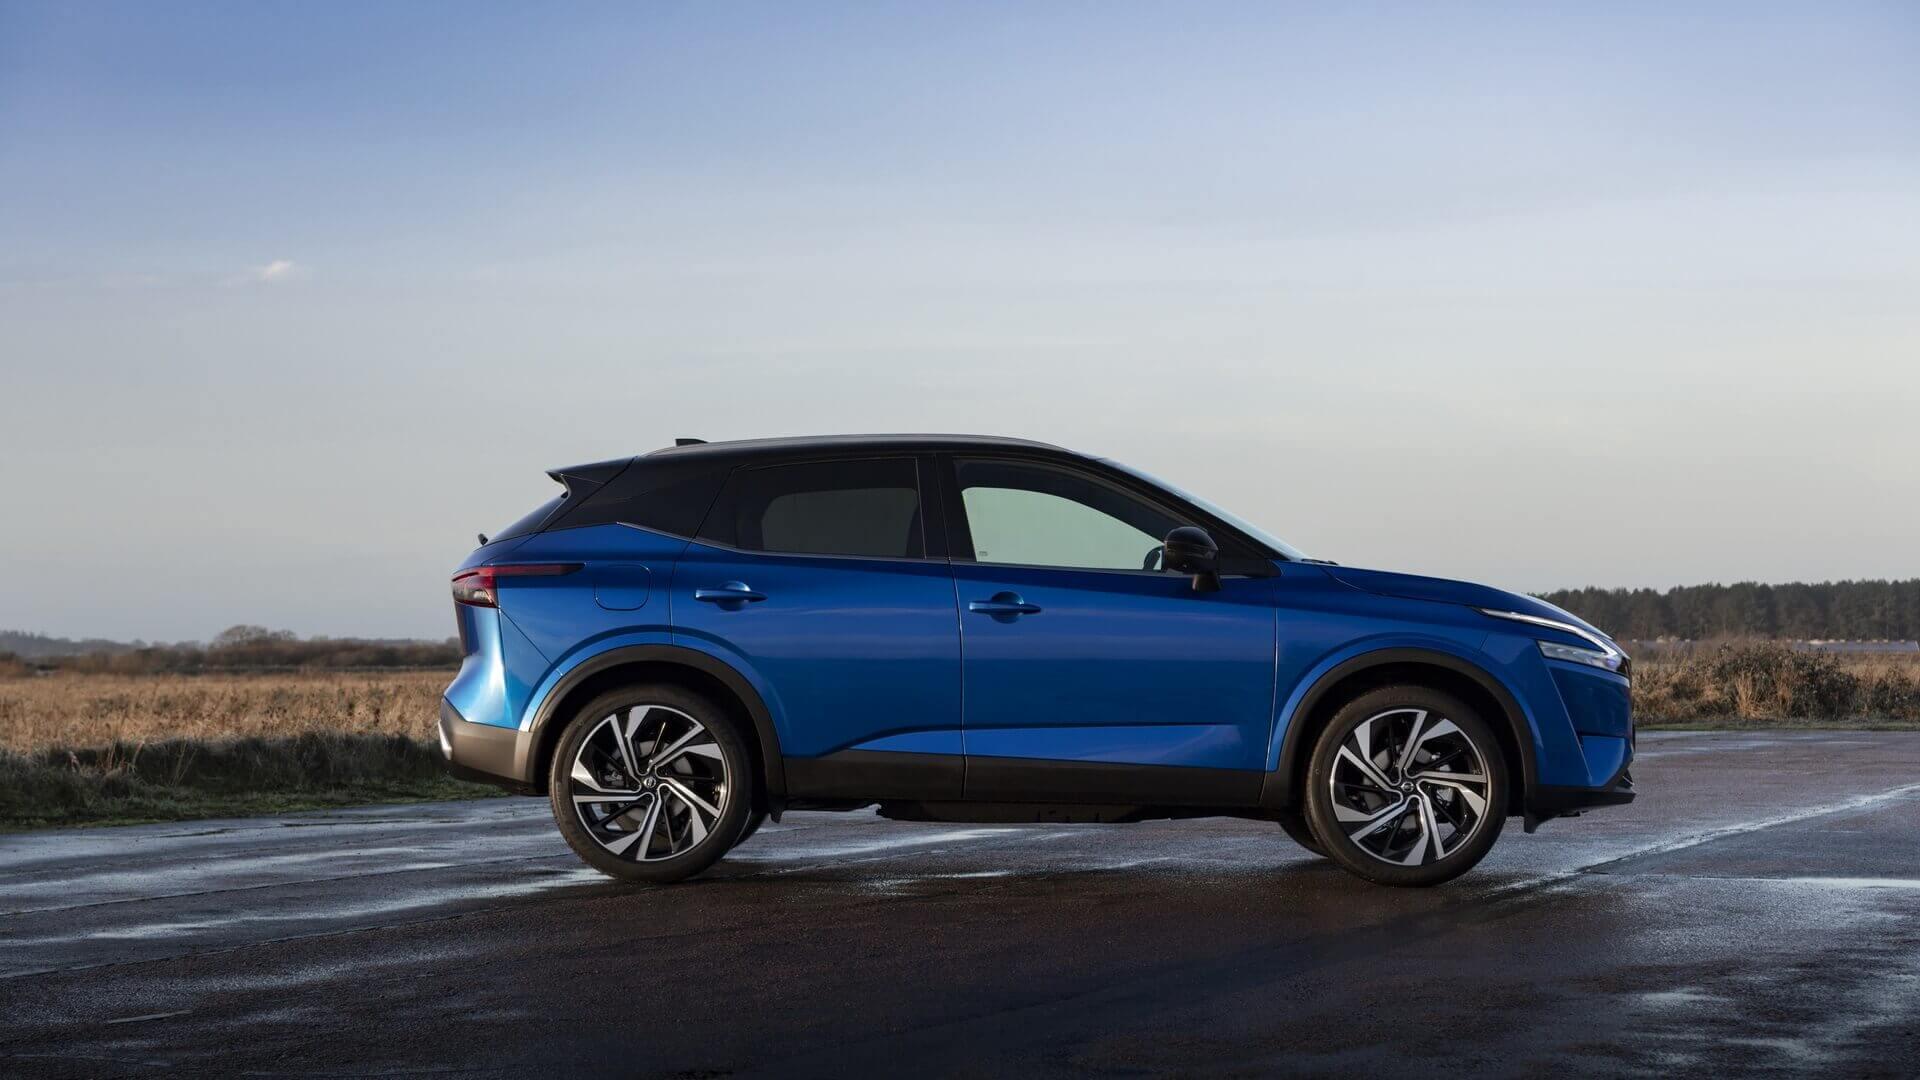 Экстерьер гибридного Nissan Qashqai 2021 года